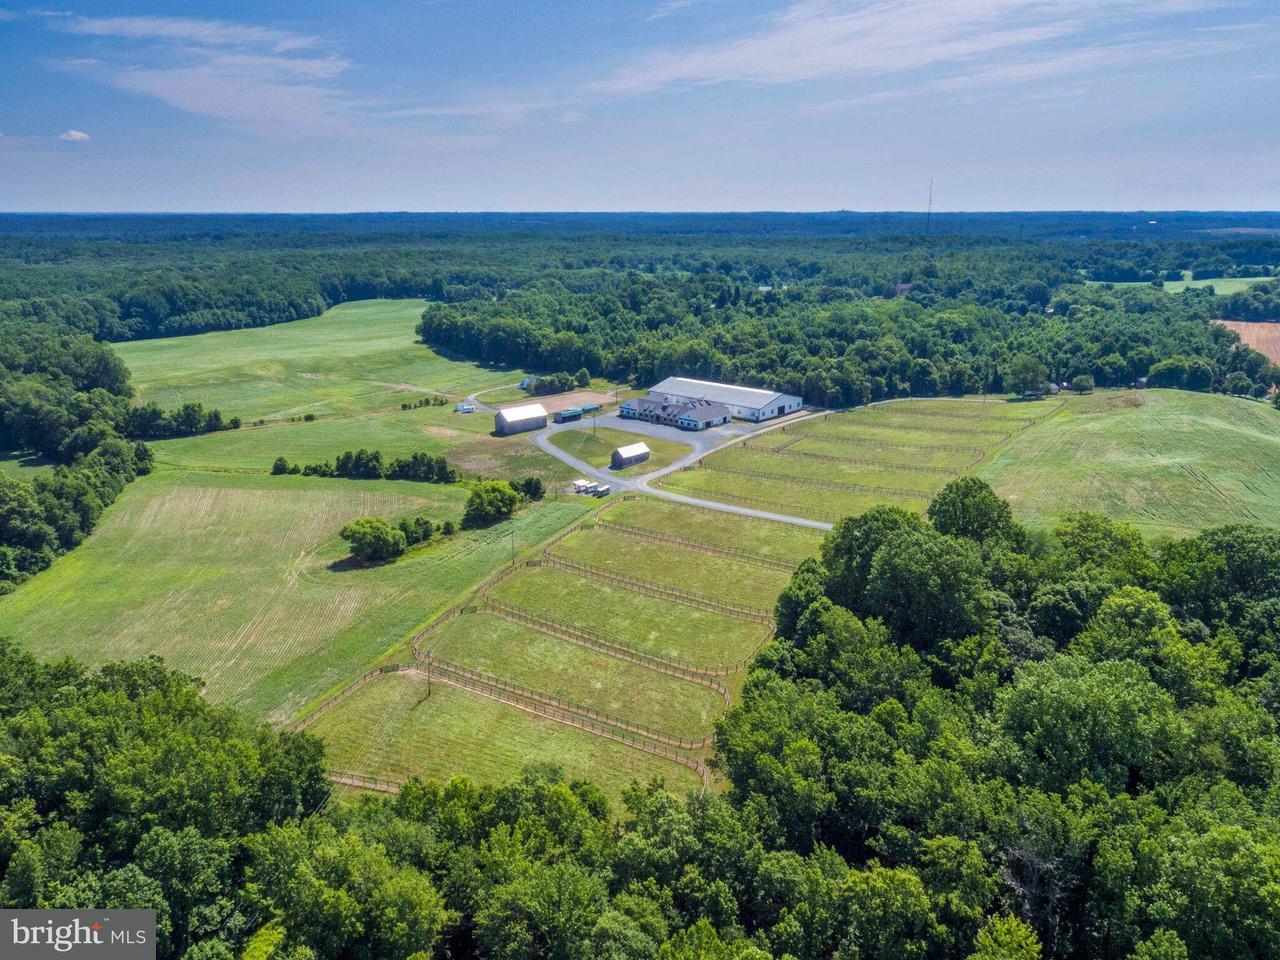 农场 为 销售 在 16900 CLAGGETT LANDING Road 16900 CLAGGETT LANDING Road 上马尔伯勒, 马里兰州 20774 美国